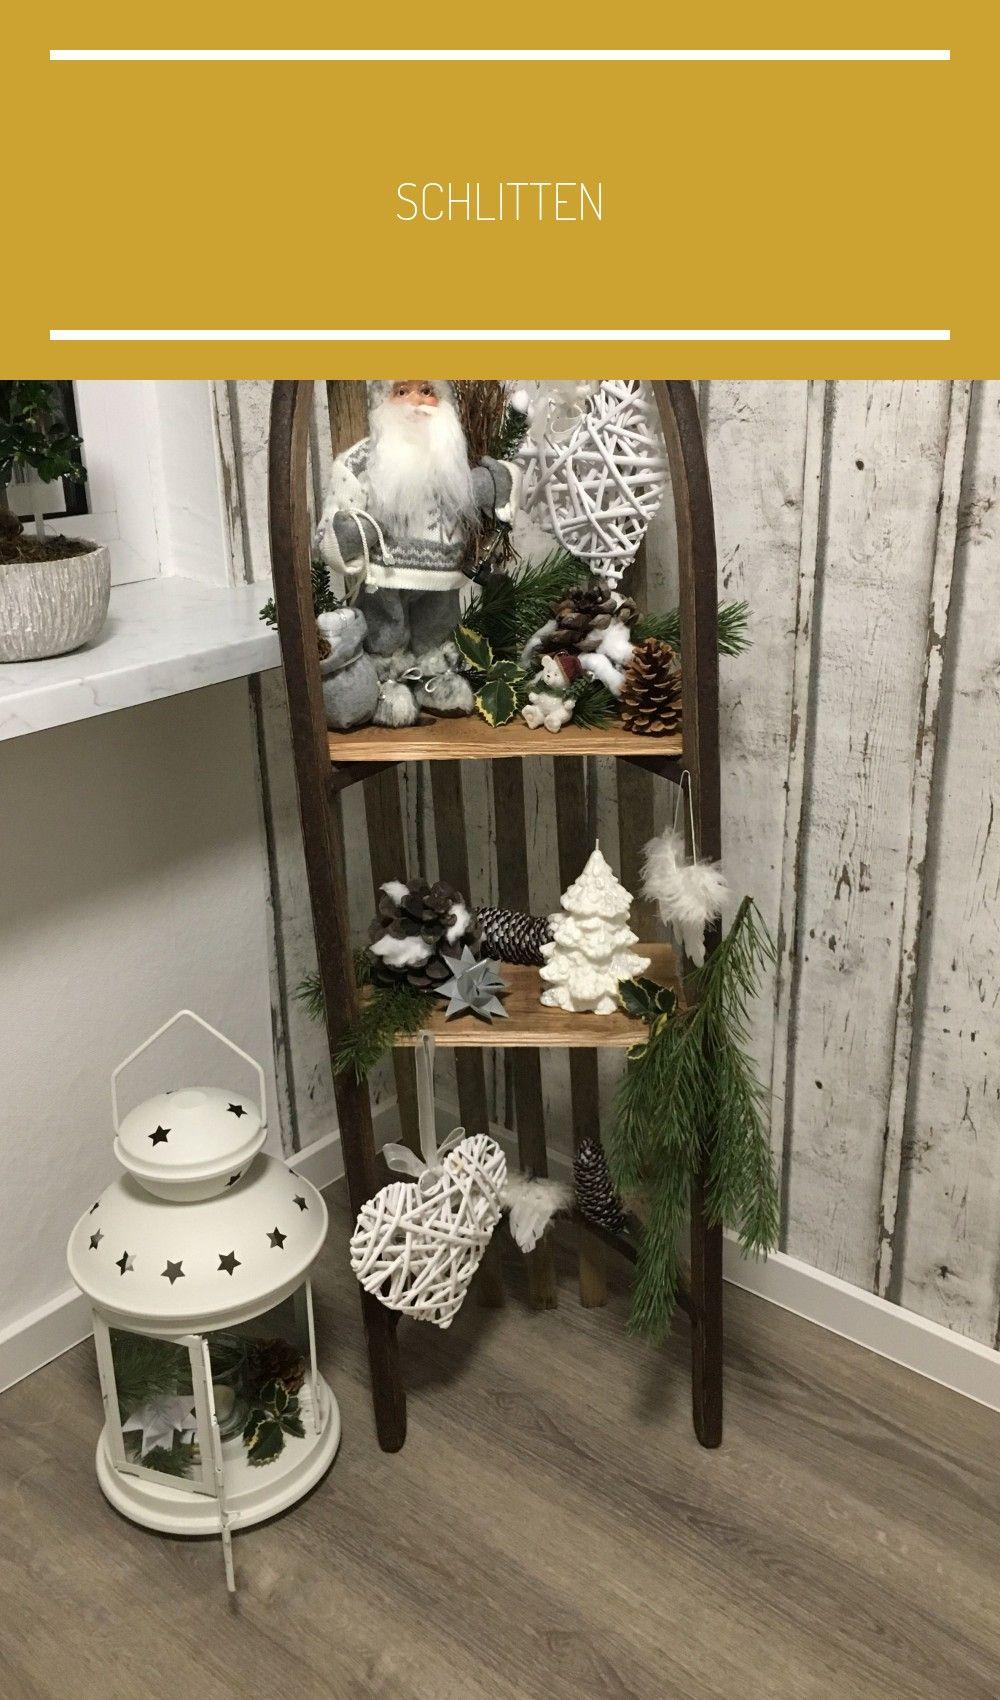 Schlitten #rustikale weihnachten tischdeko #rustikaleweihnachtentischdeko